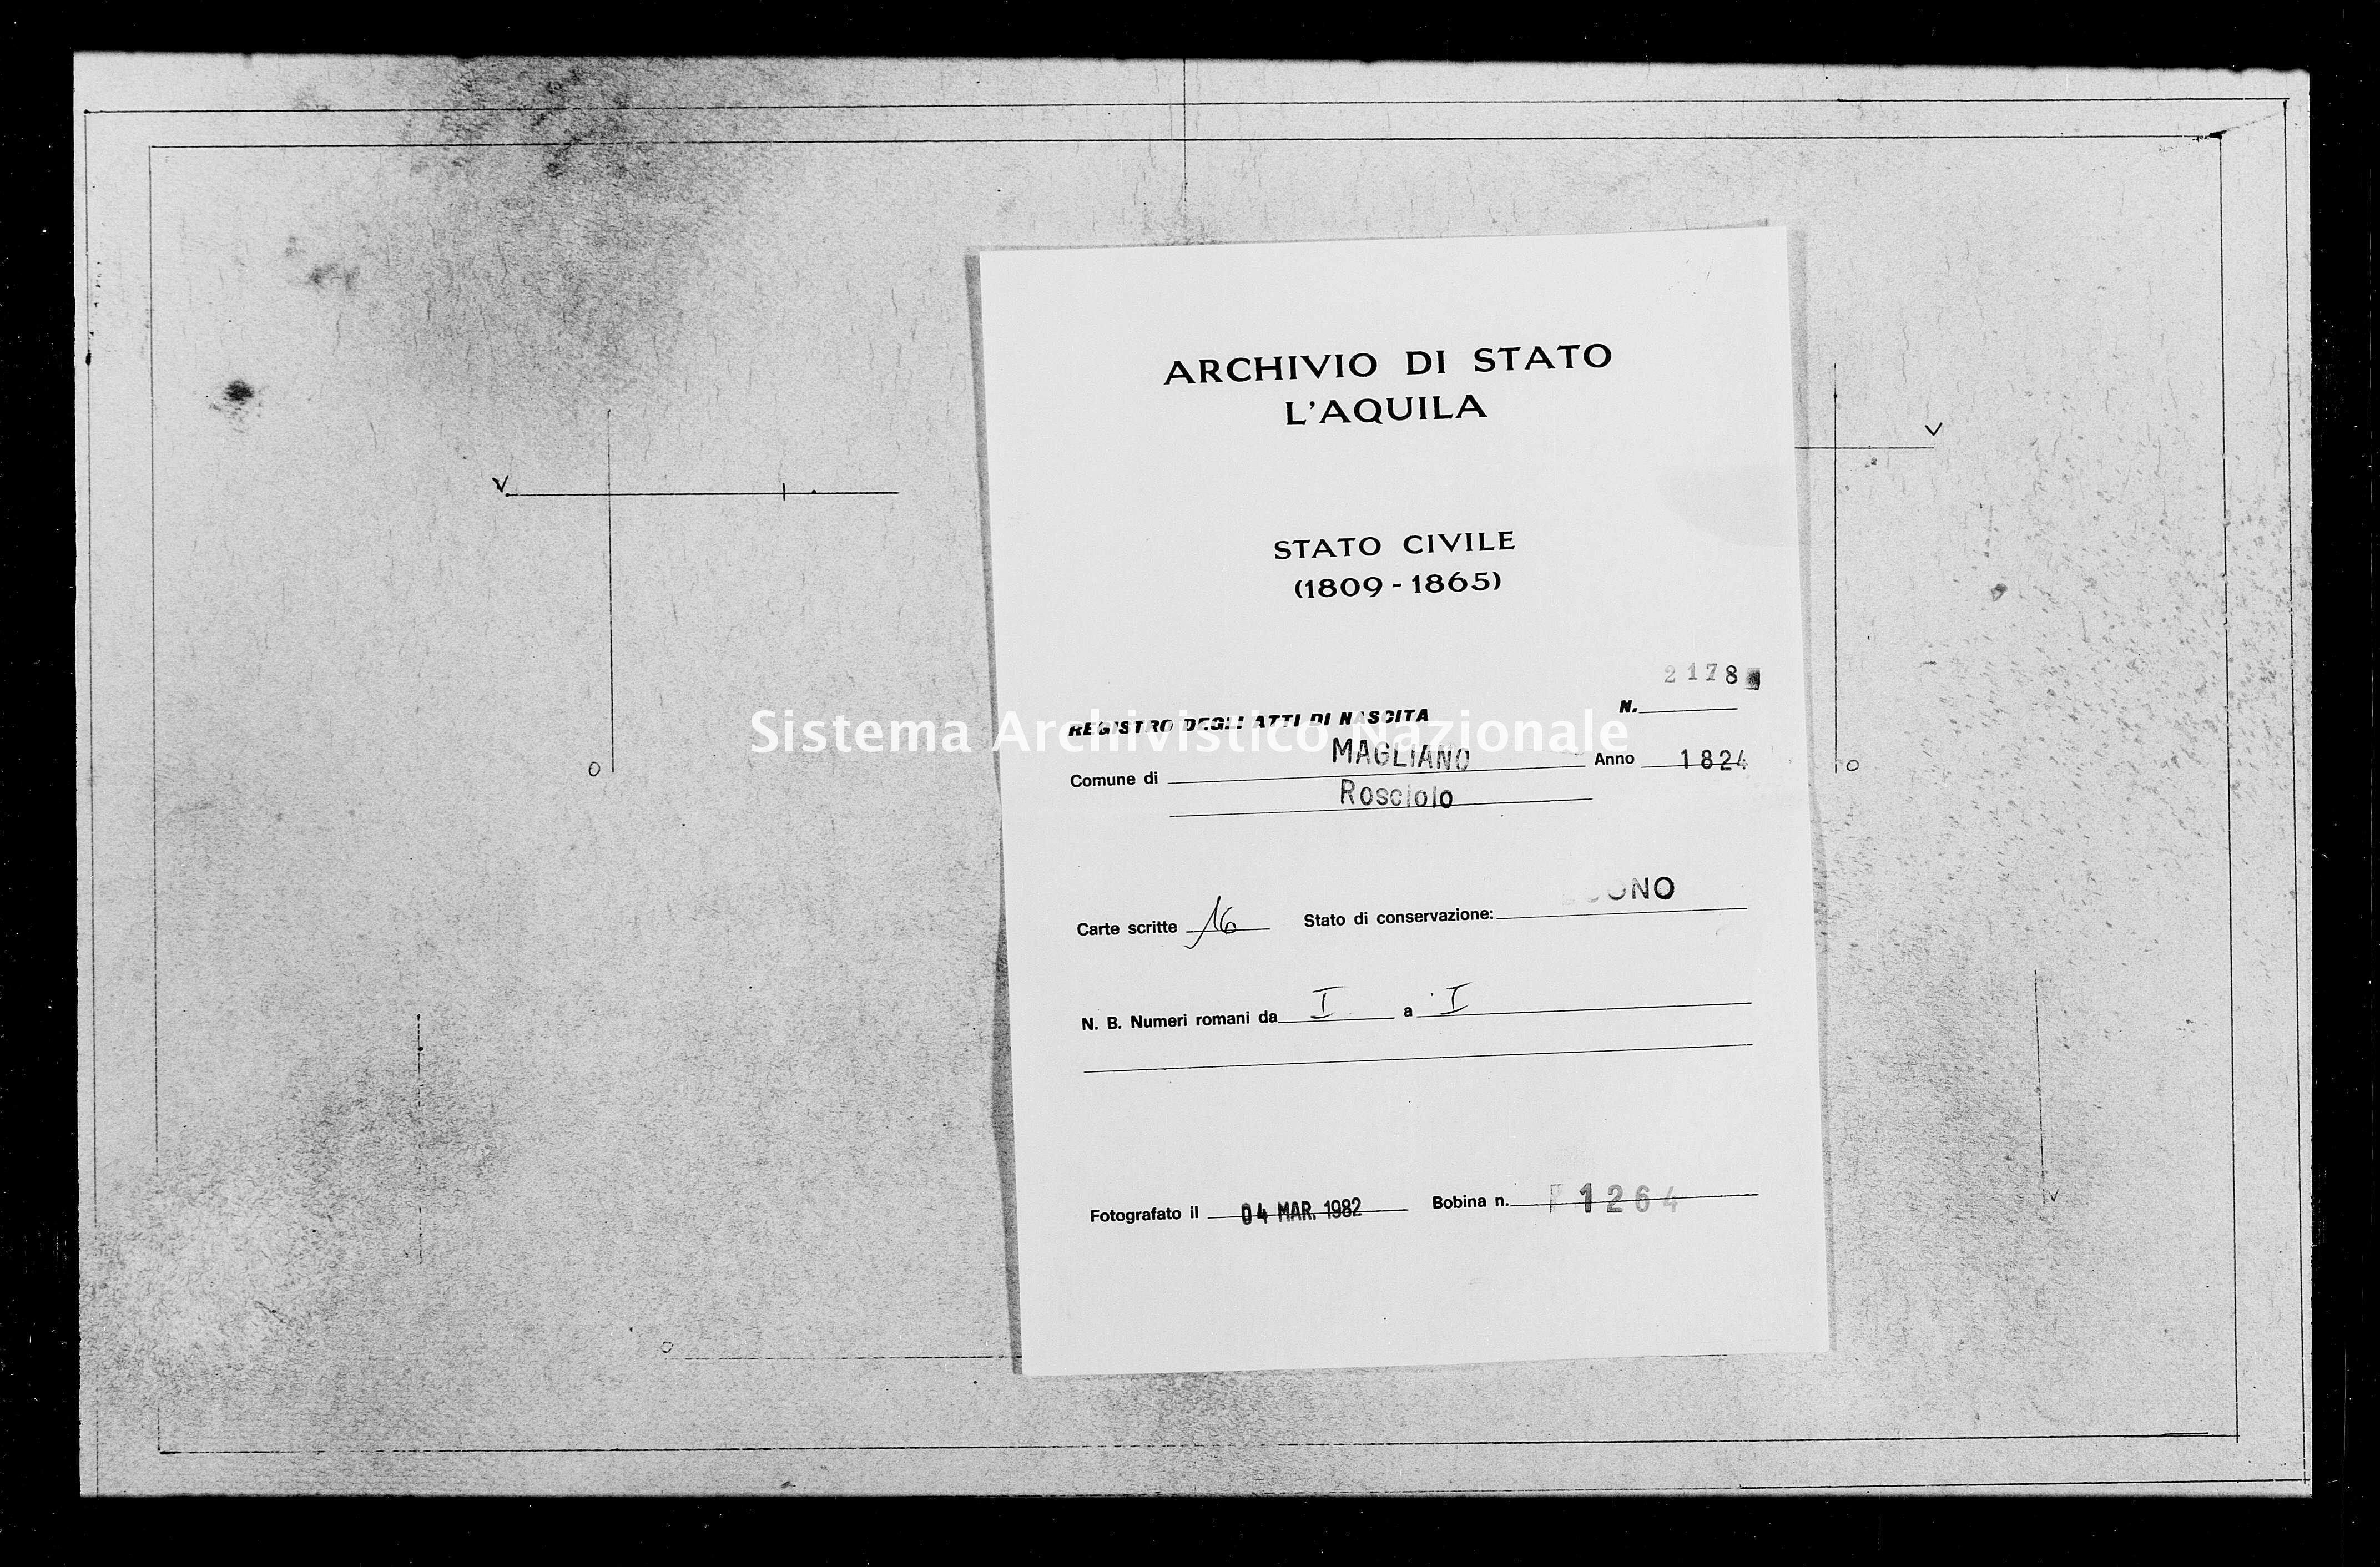 Archivio di stato di L'aquila - Stato civile della restaurazione - Rosciolo - Nati - 1824 - 2178 -